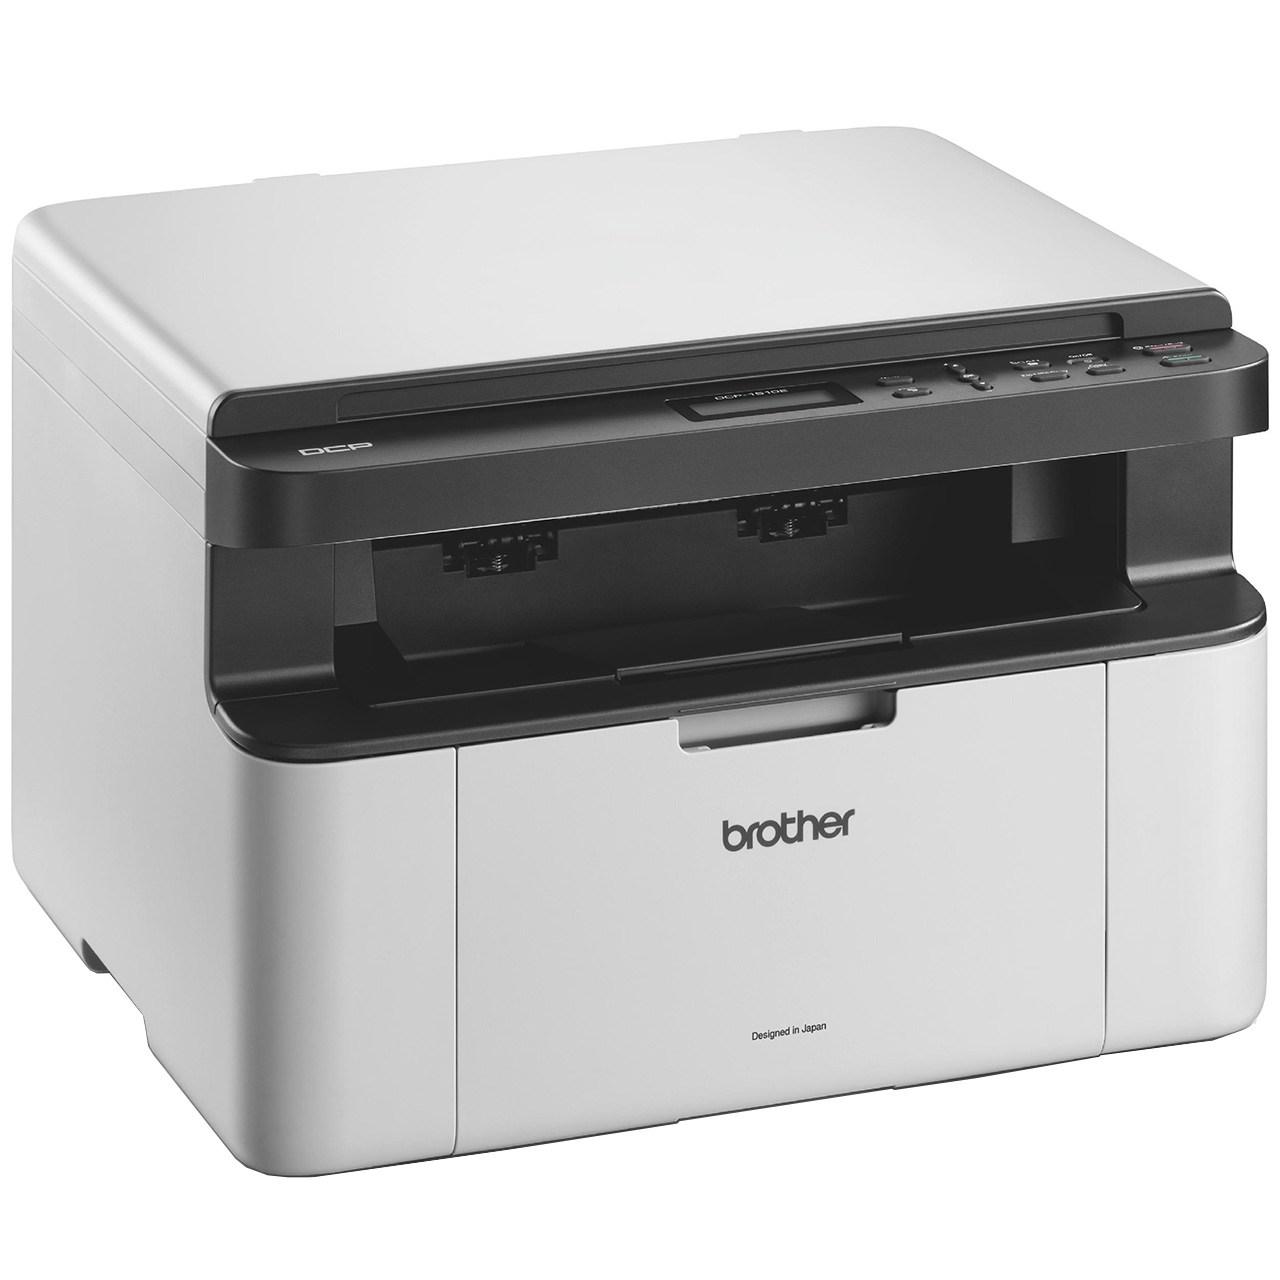 قیمت                      پرینتر لیزری چندکارهی برادر مدل DCP-1510